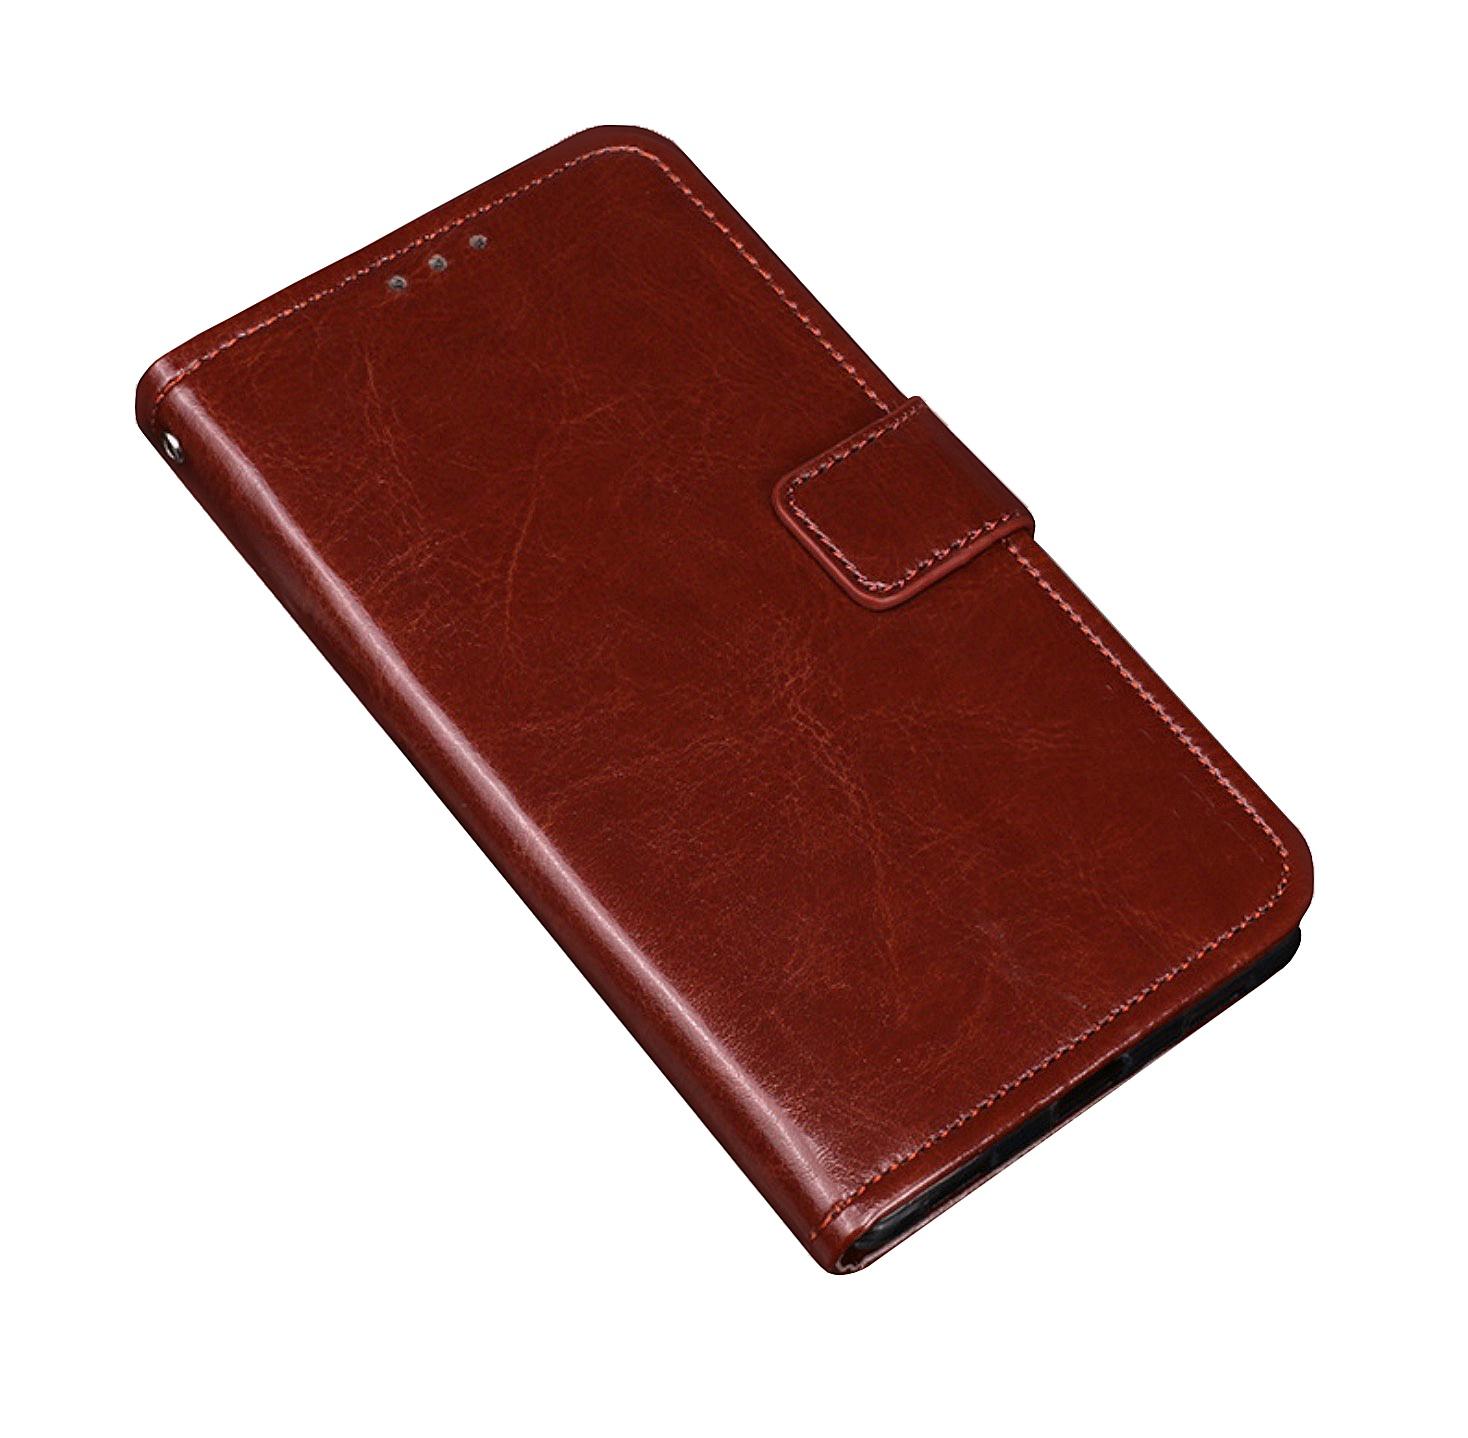 Чехол-книжка MyPads для Huawei Honor 6X (BLN-AL10) 5.5 с мульти-подставкой застёжкой и визитницей коричневый